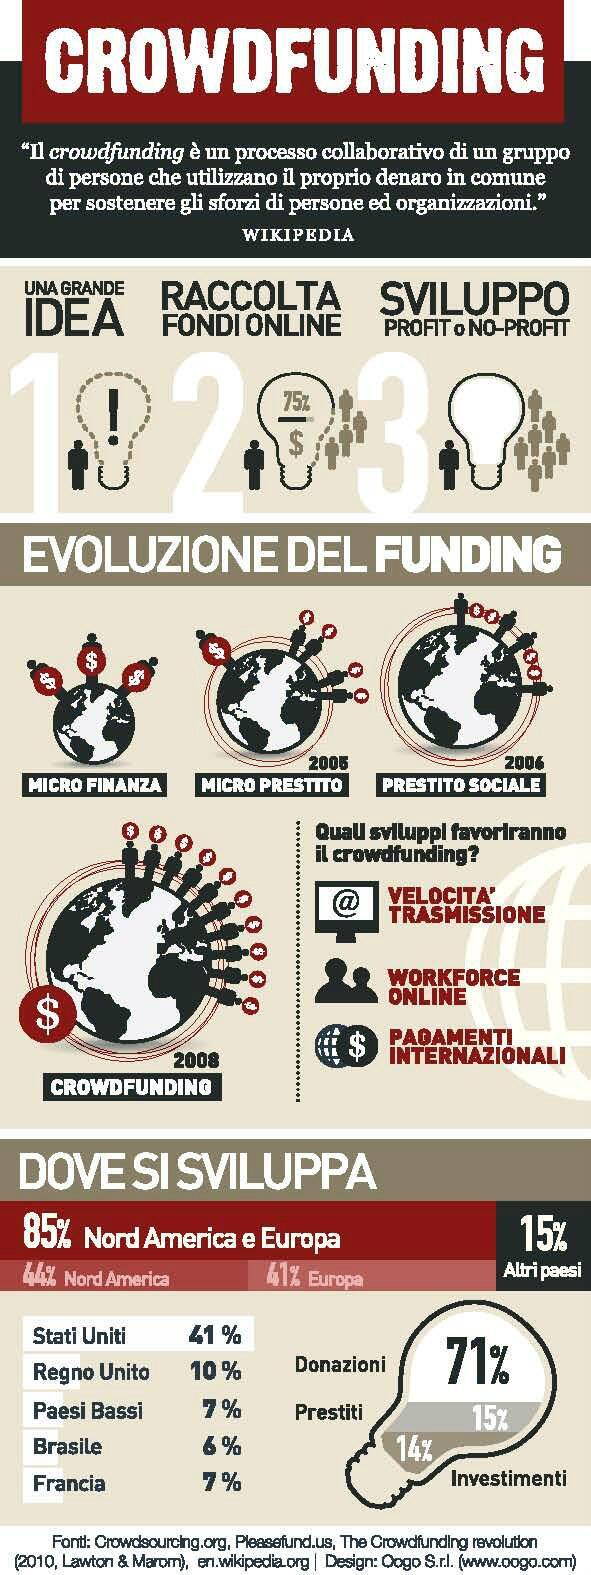 RT @_popoli: Oggi su @repubblicait un articolo di @riccardowired sul #crowdfunding. Qui una nostra infografica http://t.co/v5lKVxgfJI